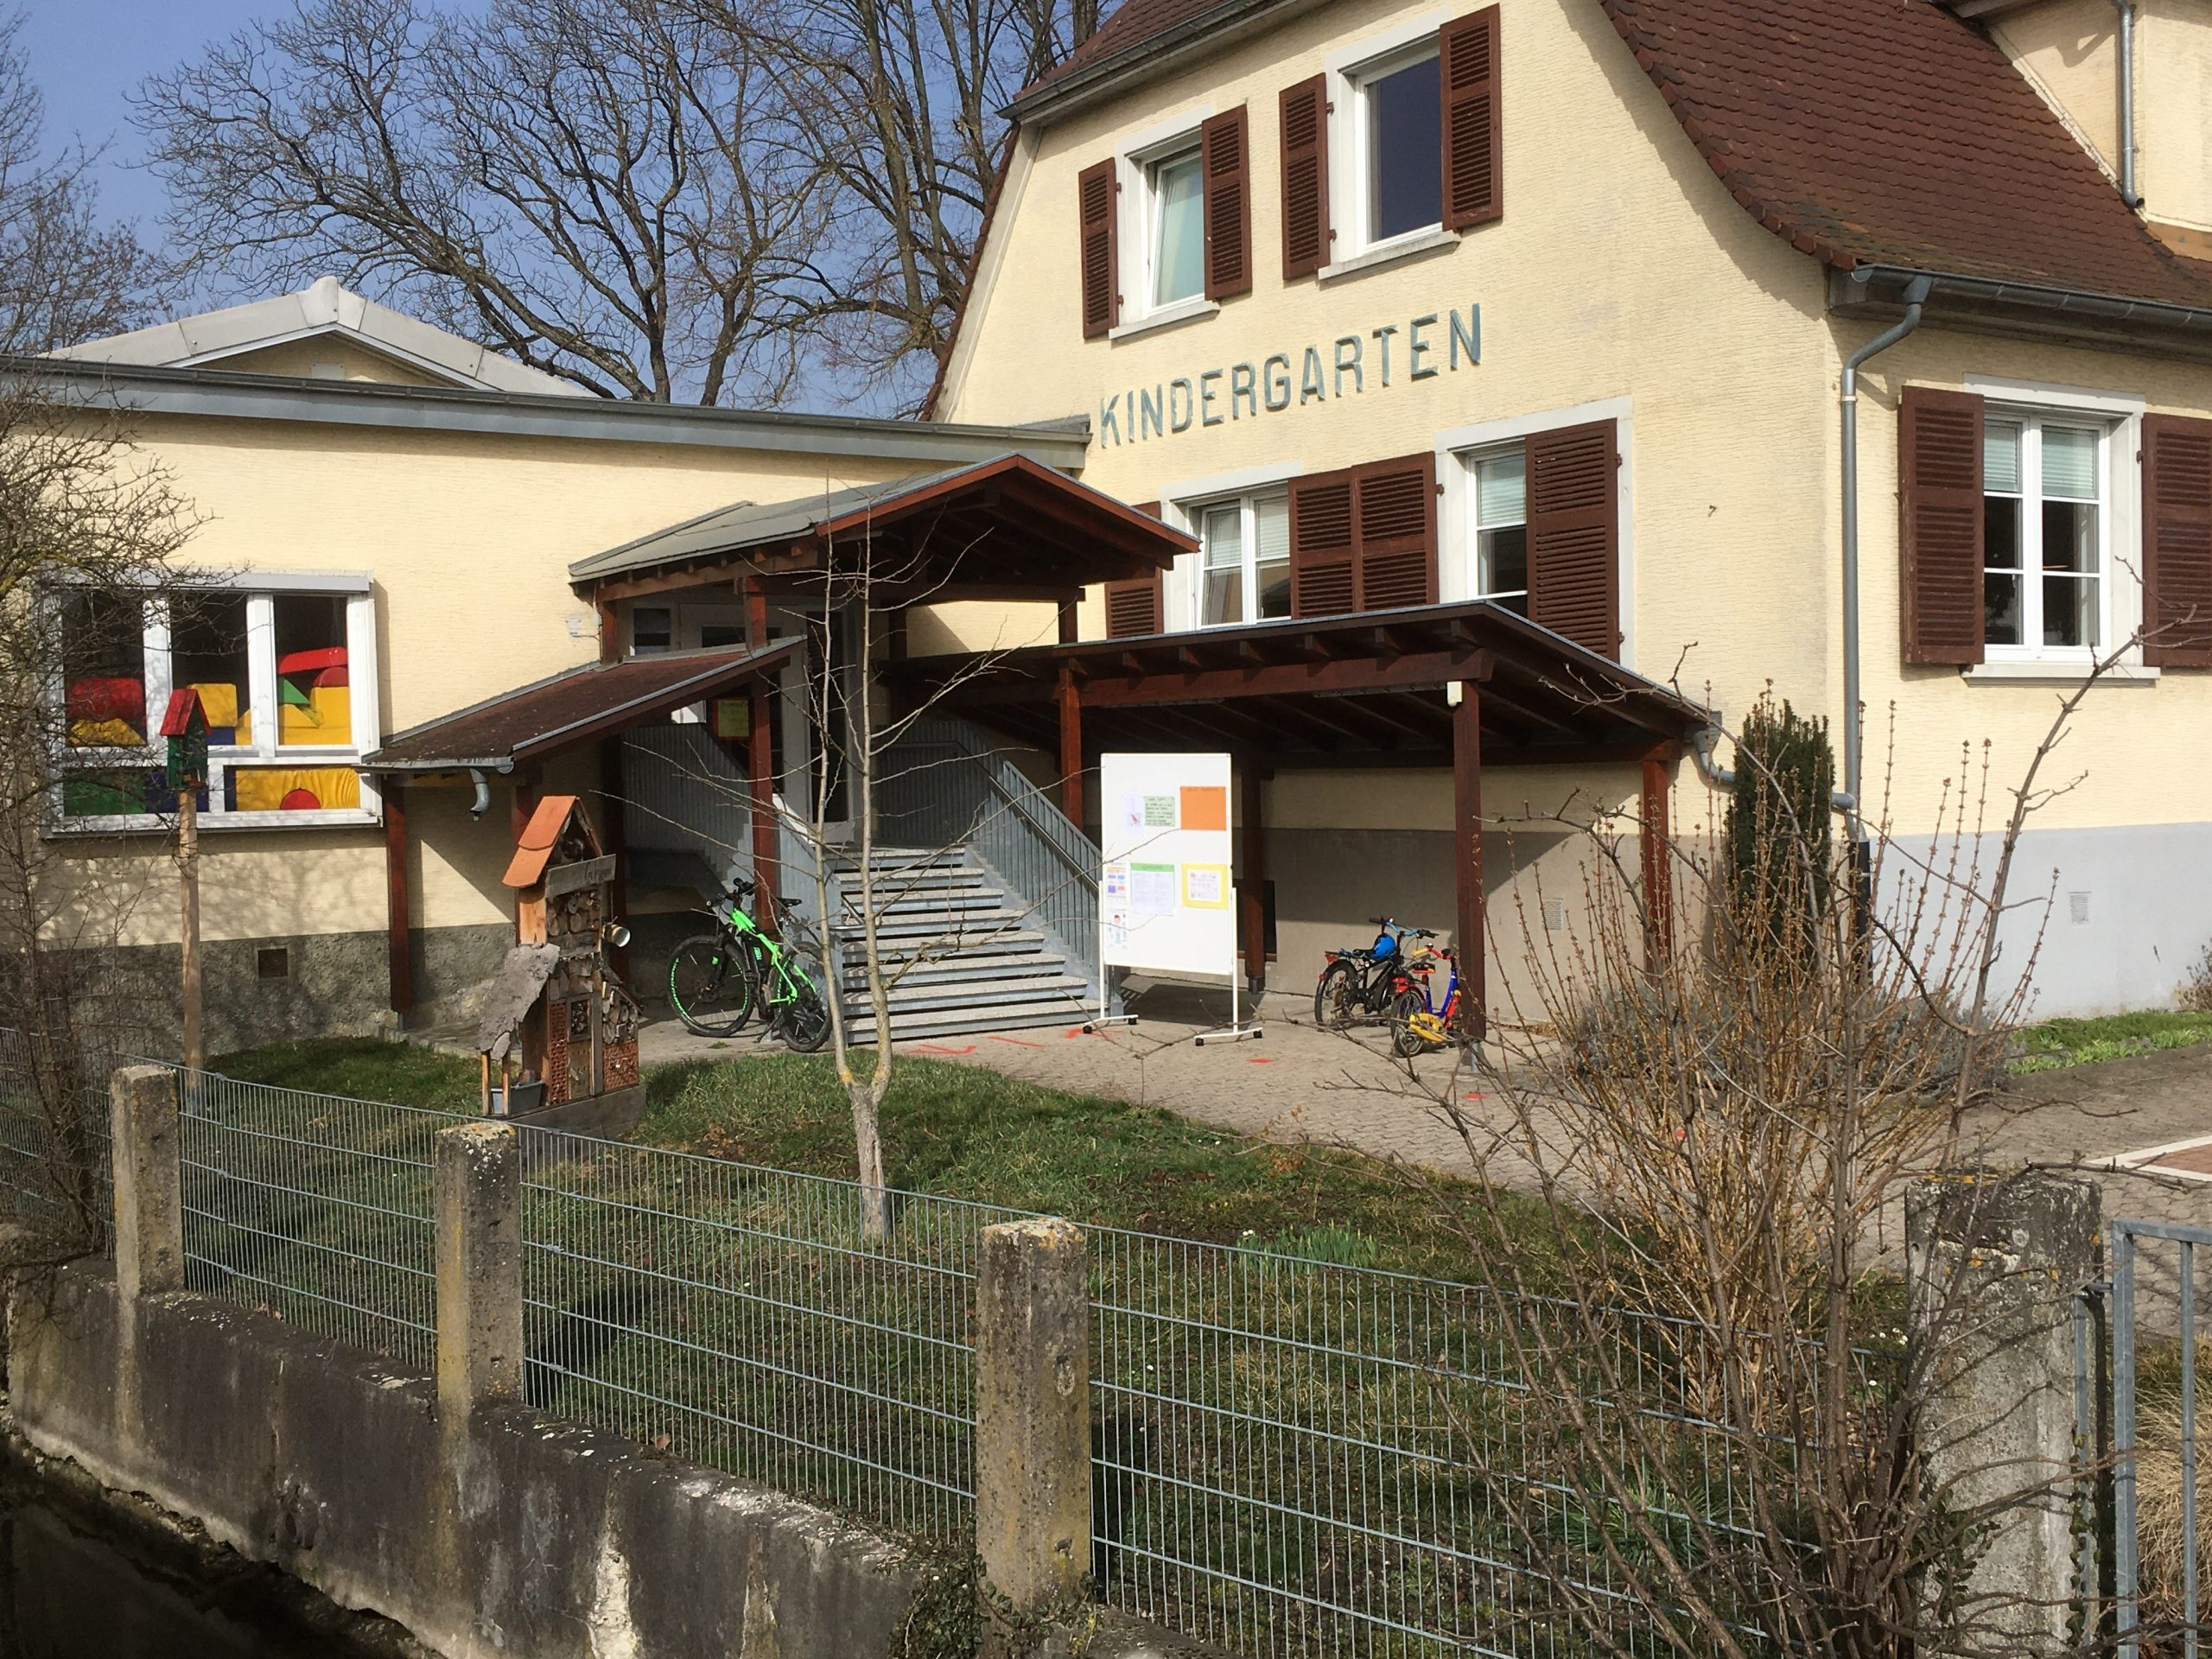 Kindergarten – Warteliste für verlängerte Öffnungszeiten